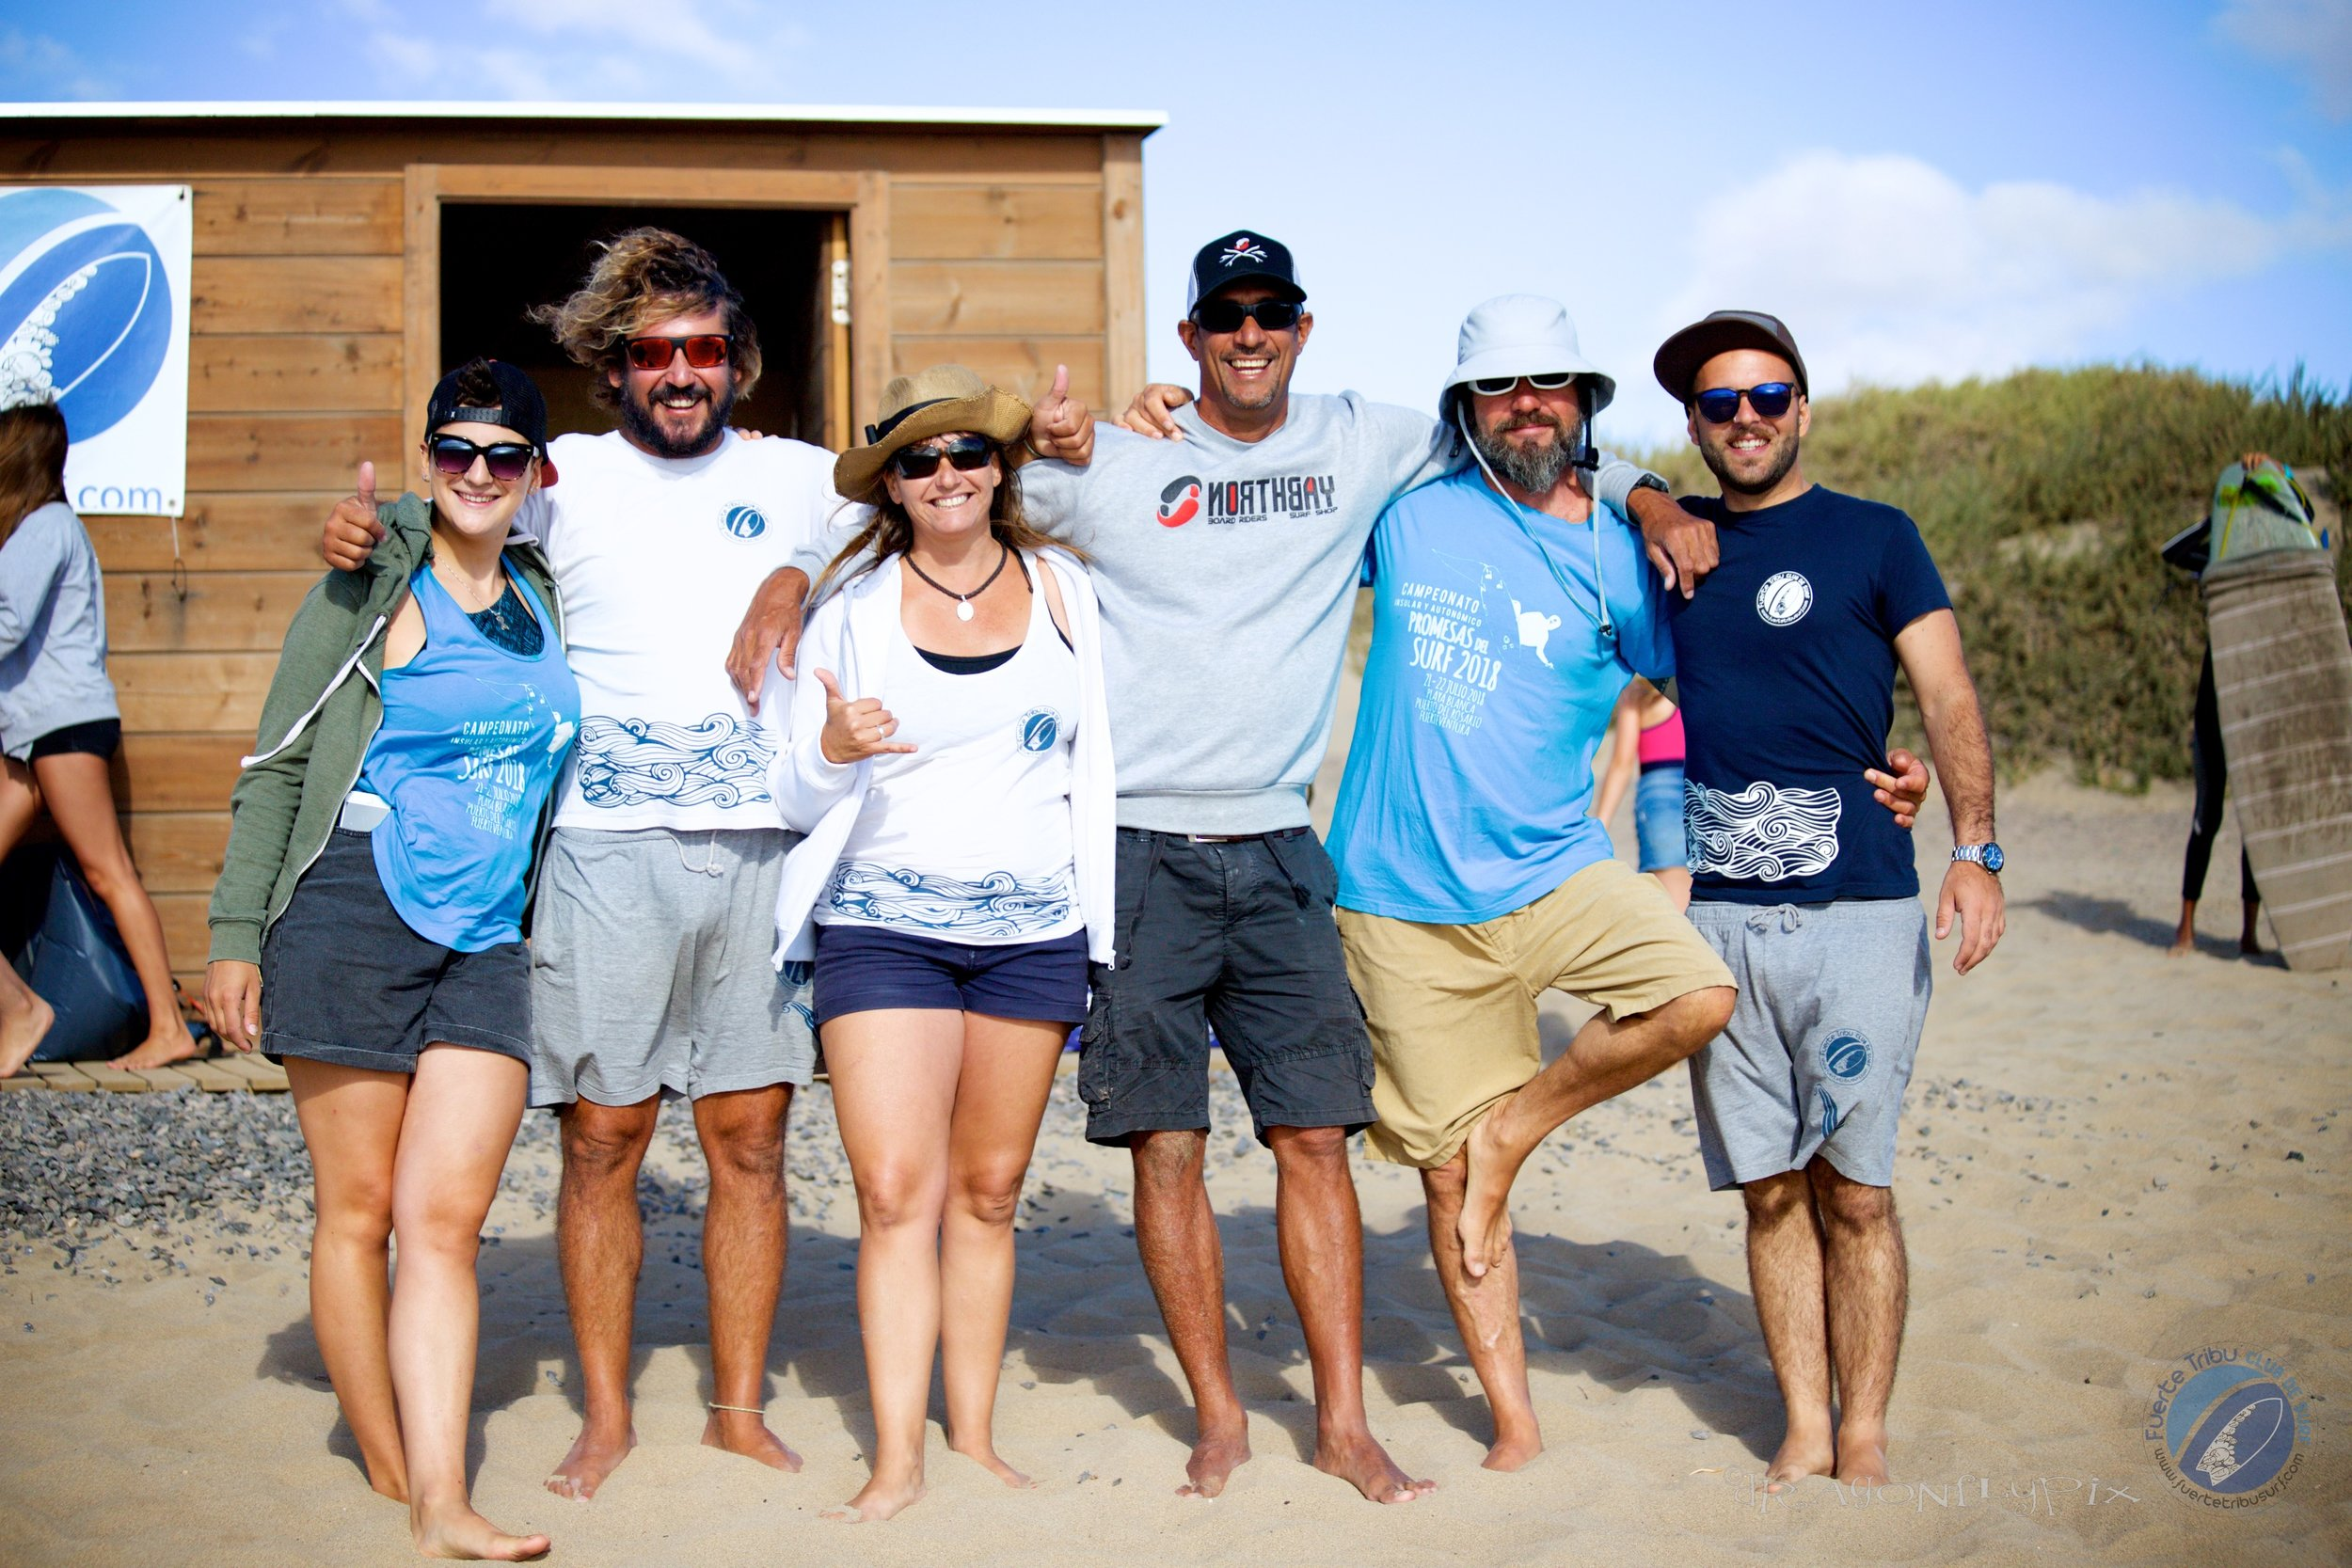 FUERTETRIBU_INTRACLUB_SURF_CAMPEONATO_KIDSIMG_0151.jpg